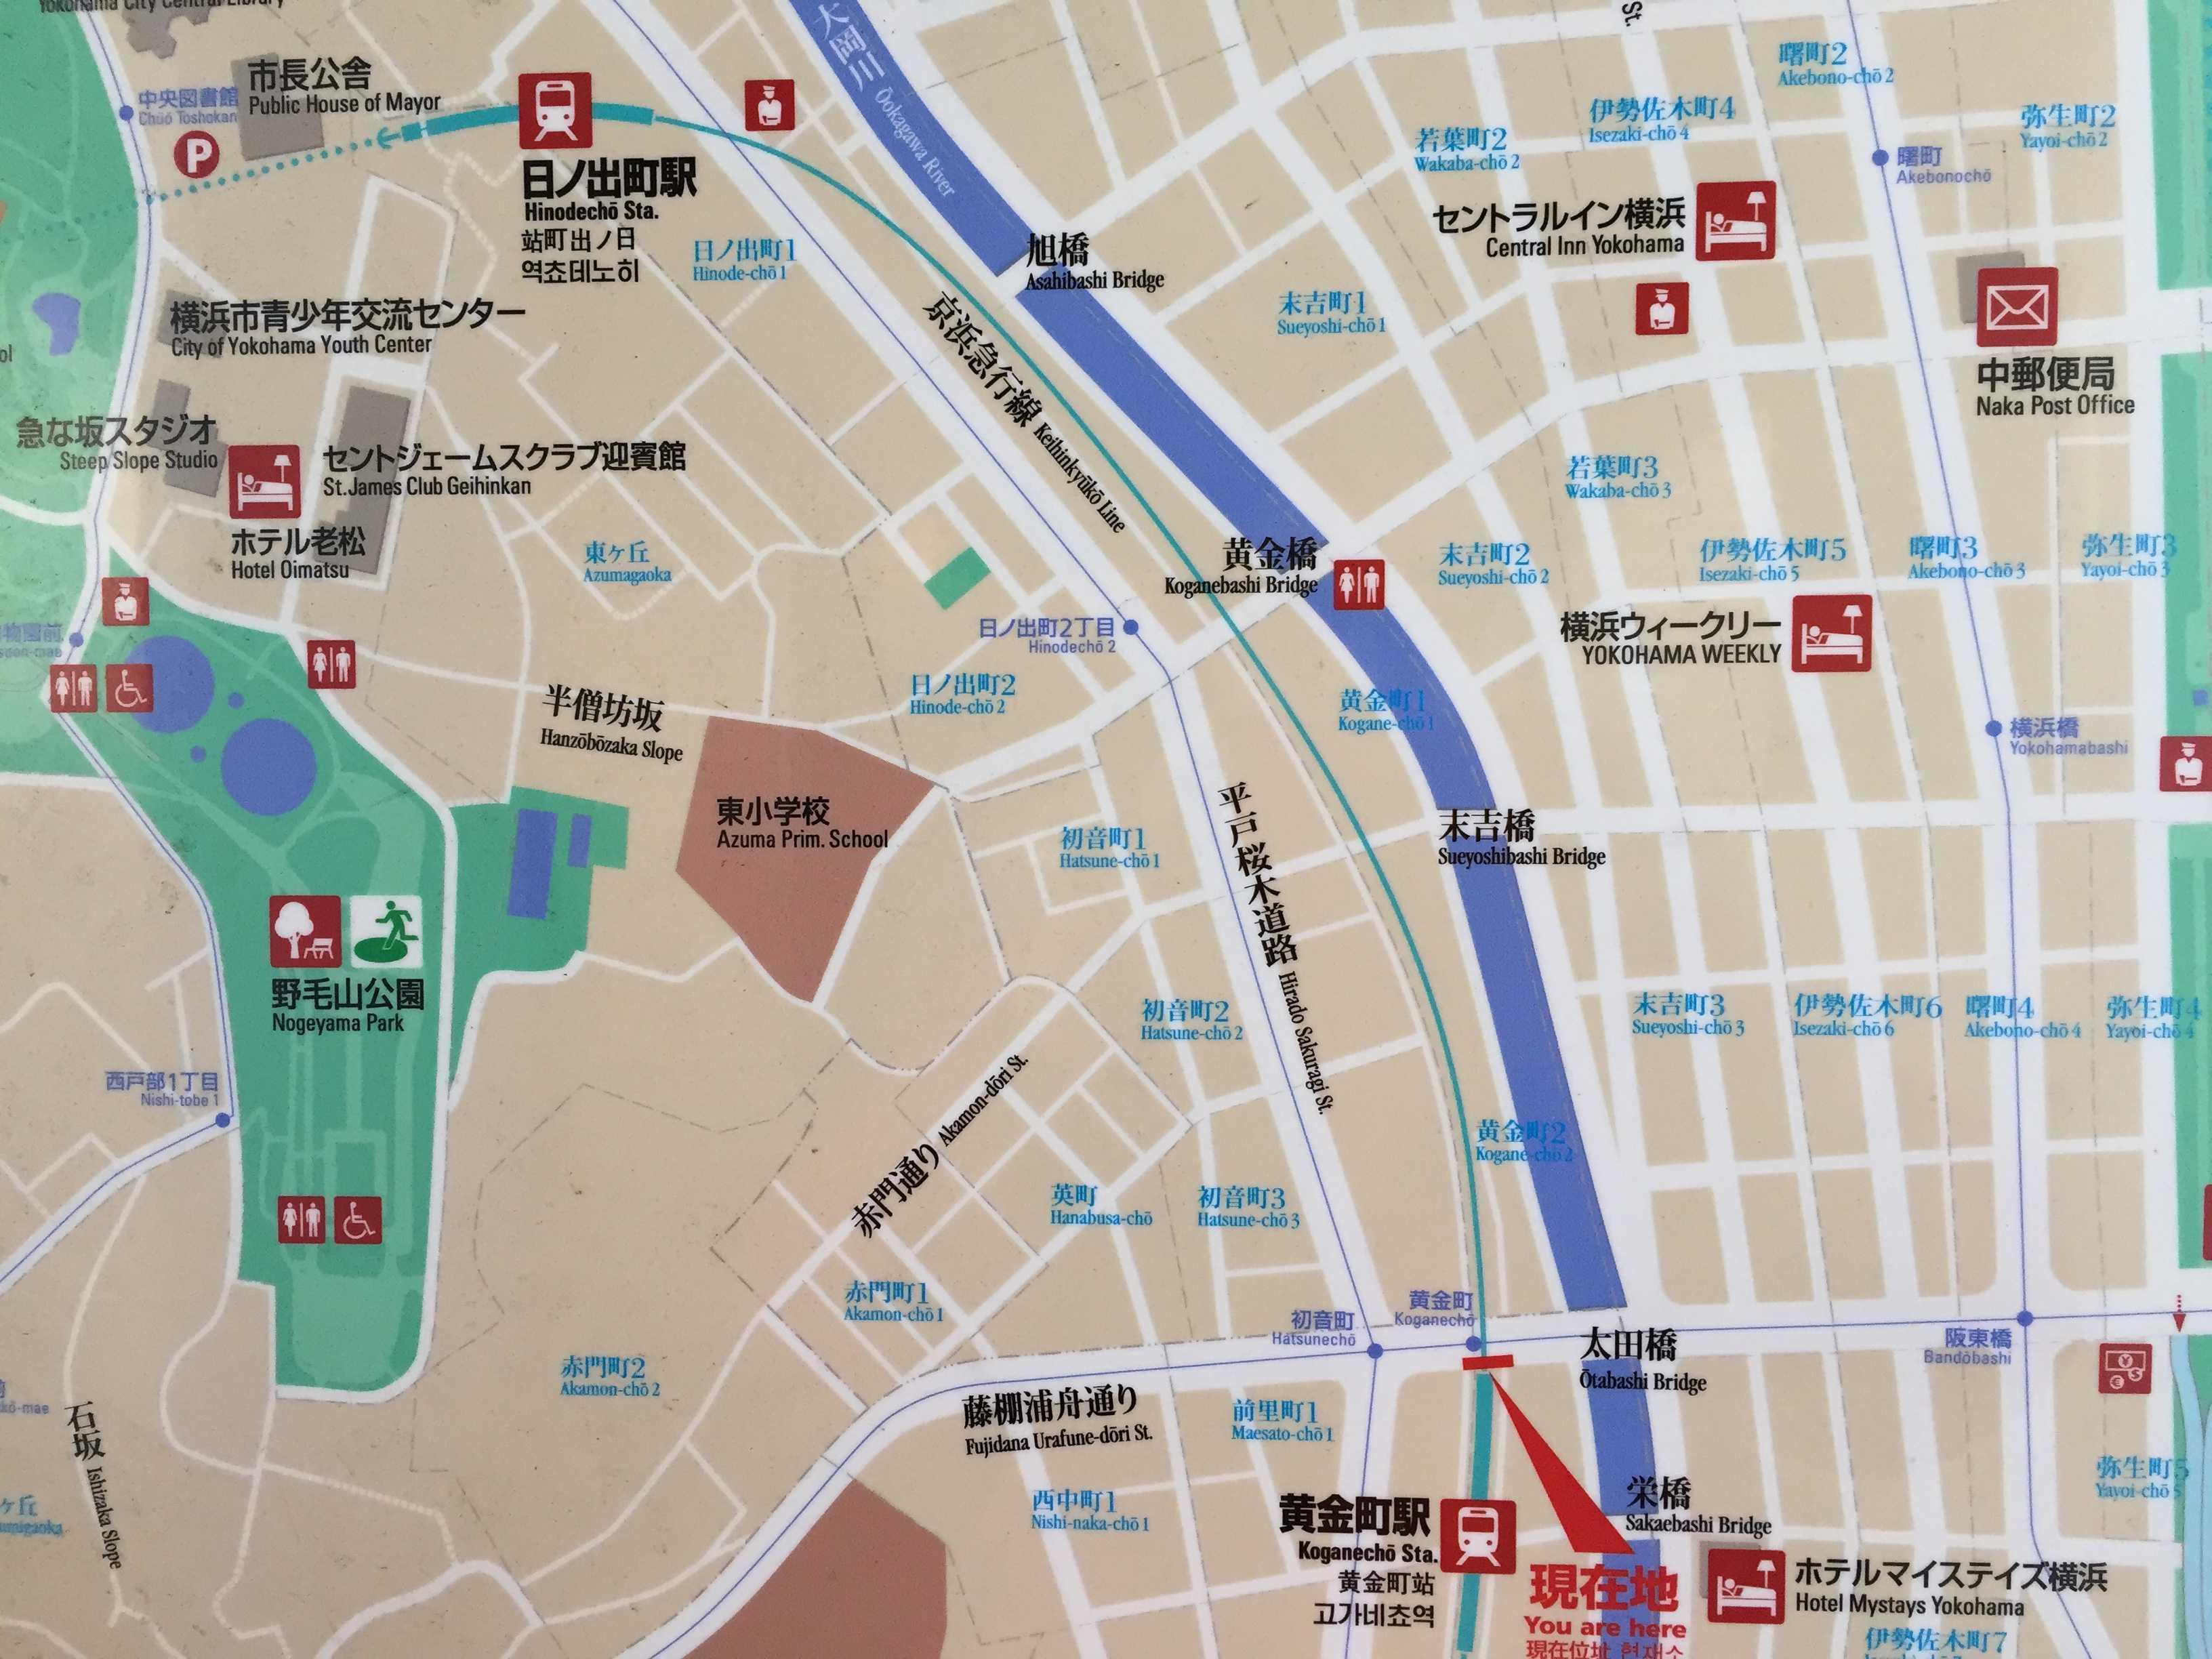 黄金町駅周辺地図